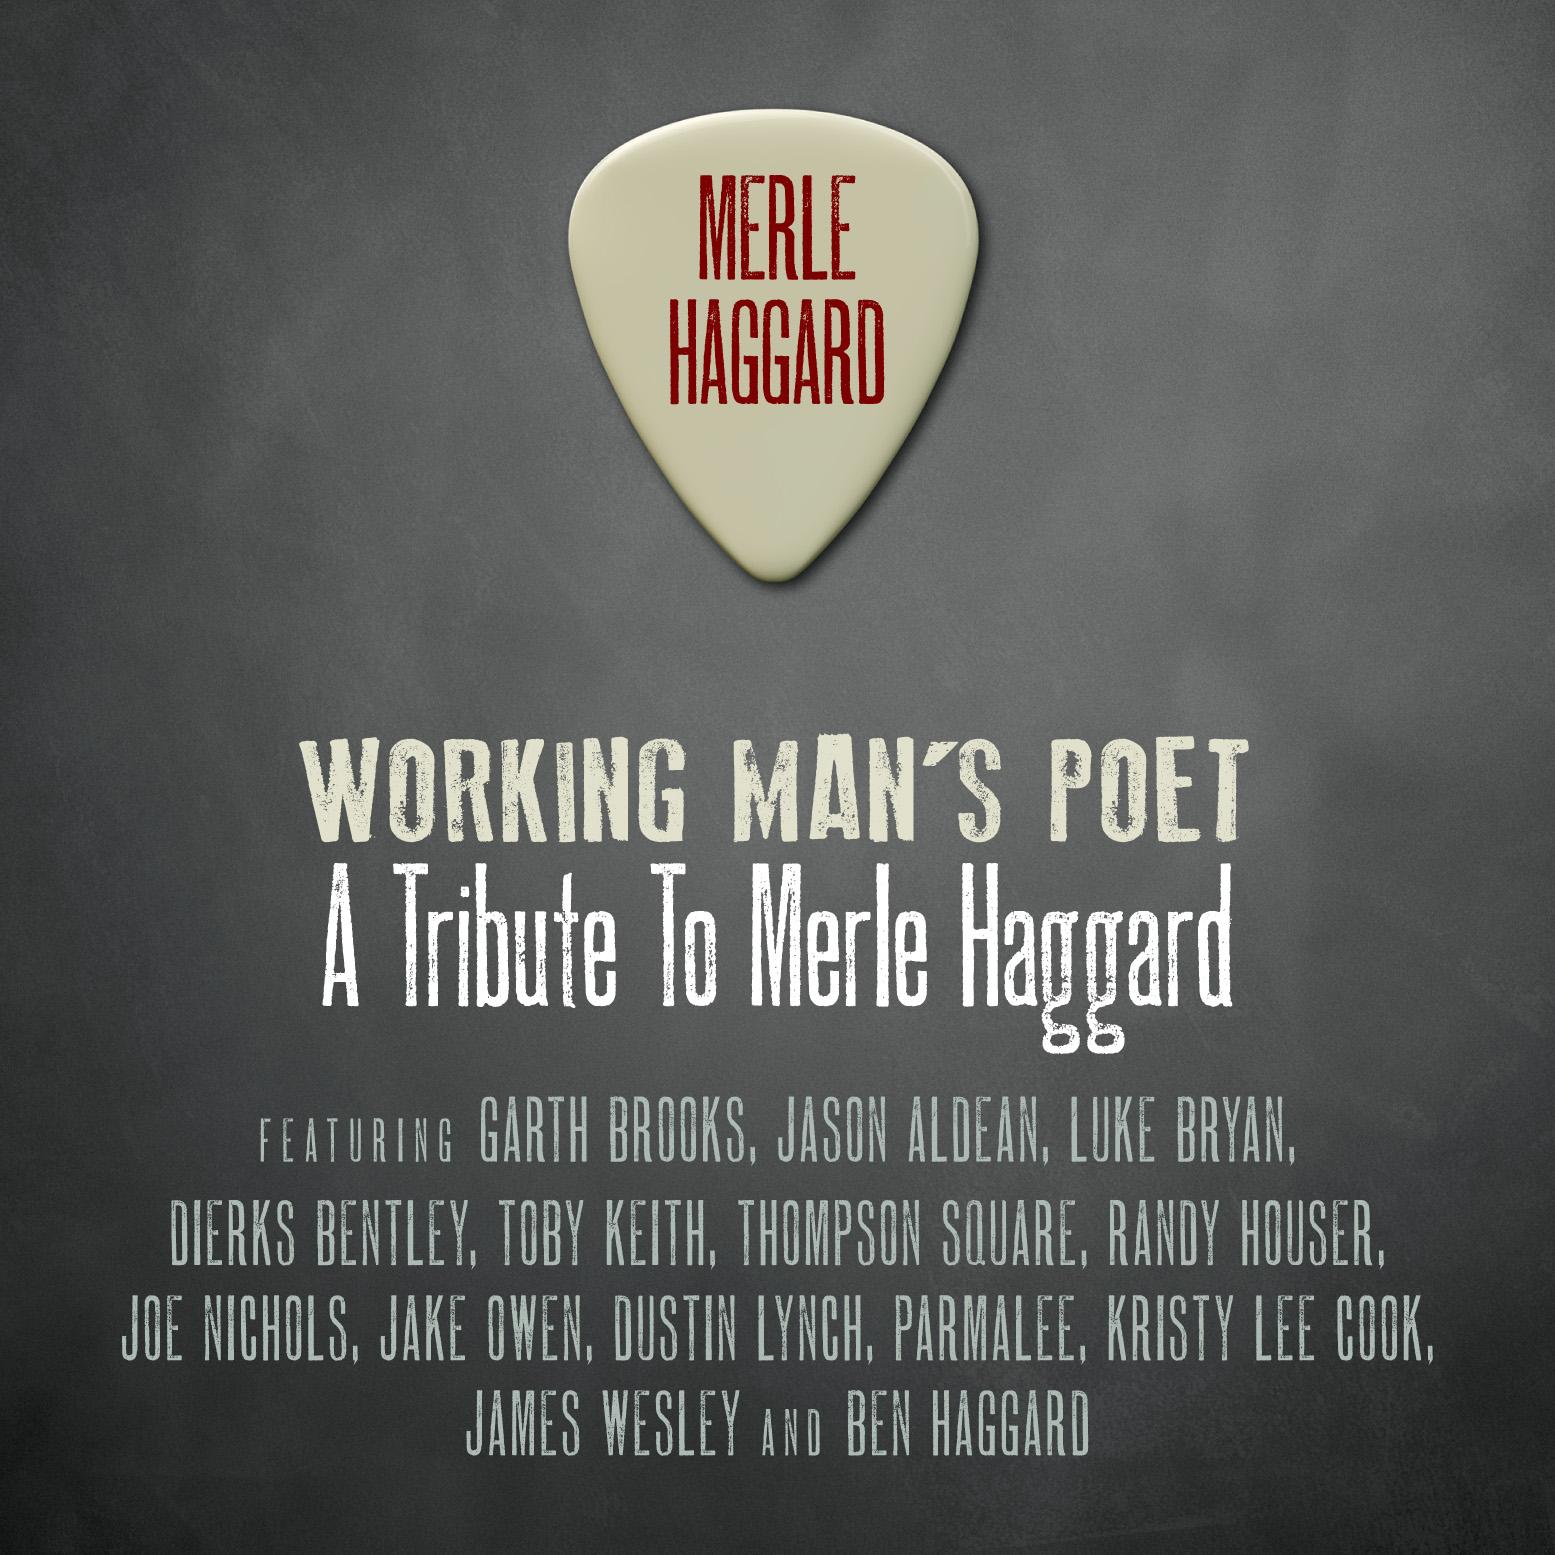 Merle Haggard Trib CVR 5x5.jpg